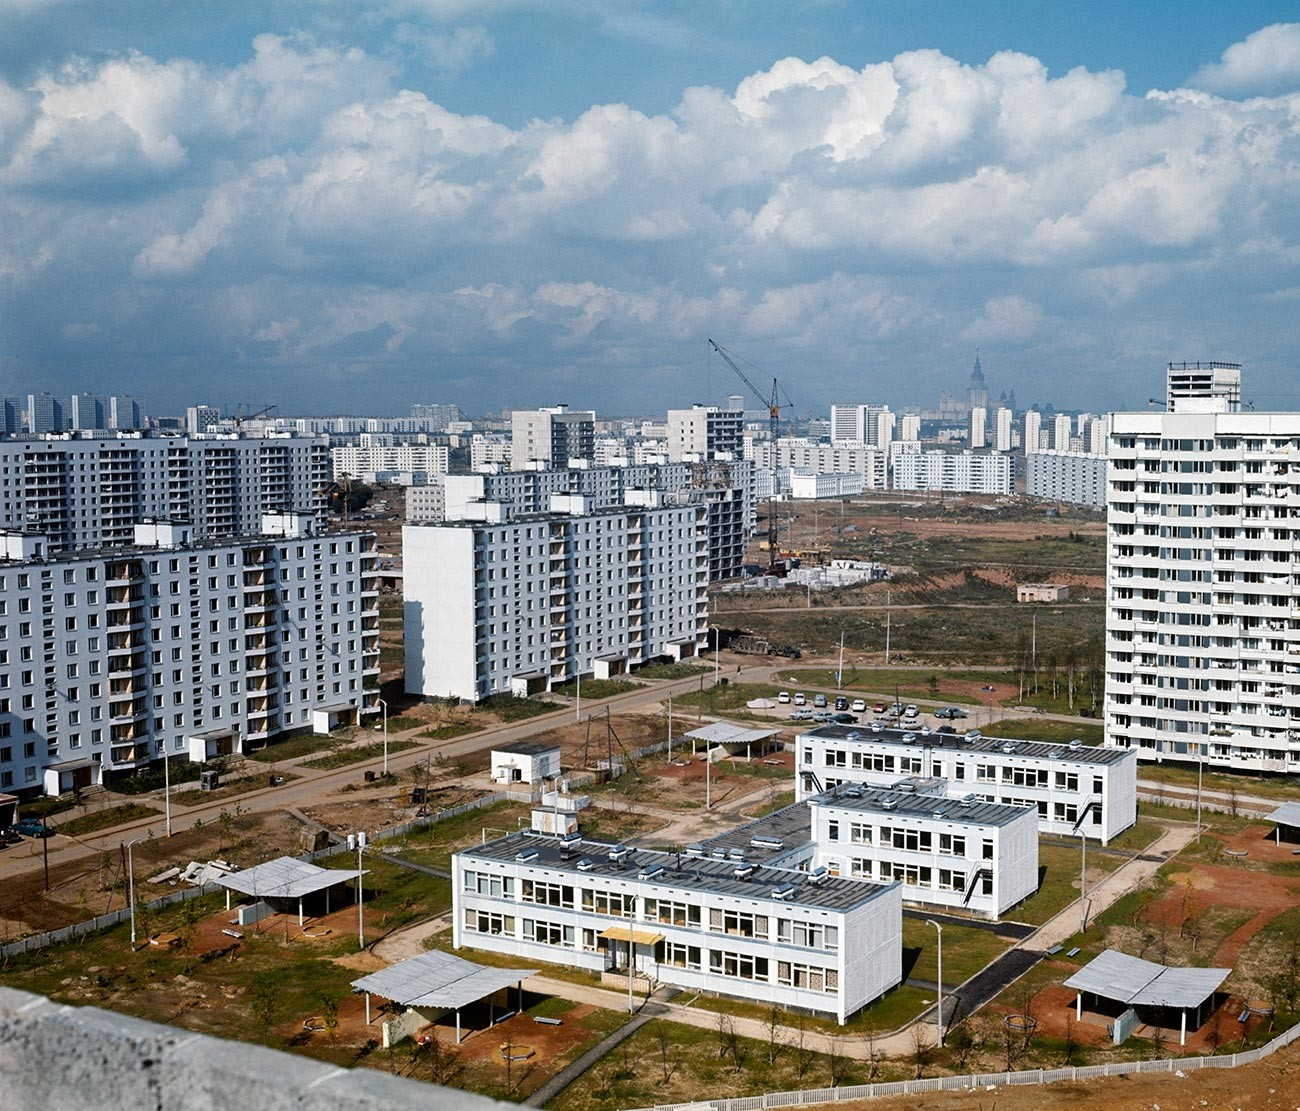 Тропарево - район массового жилищного строительства.